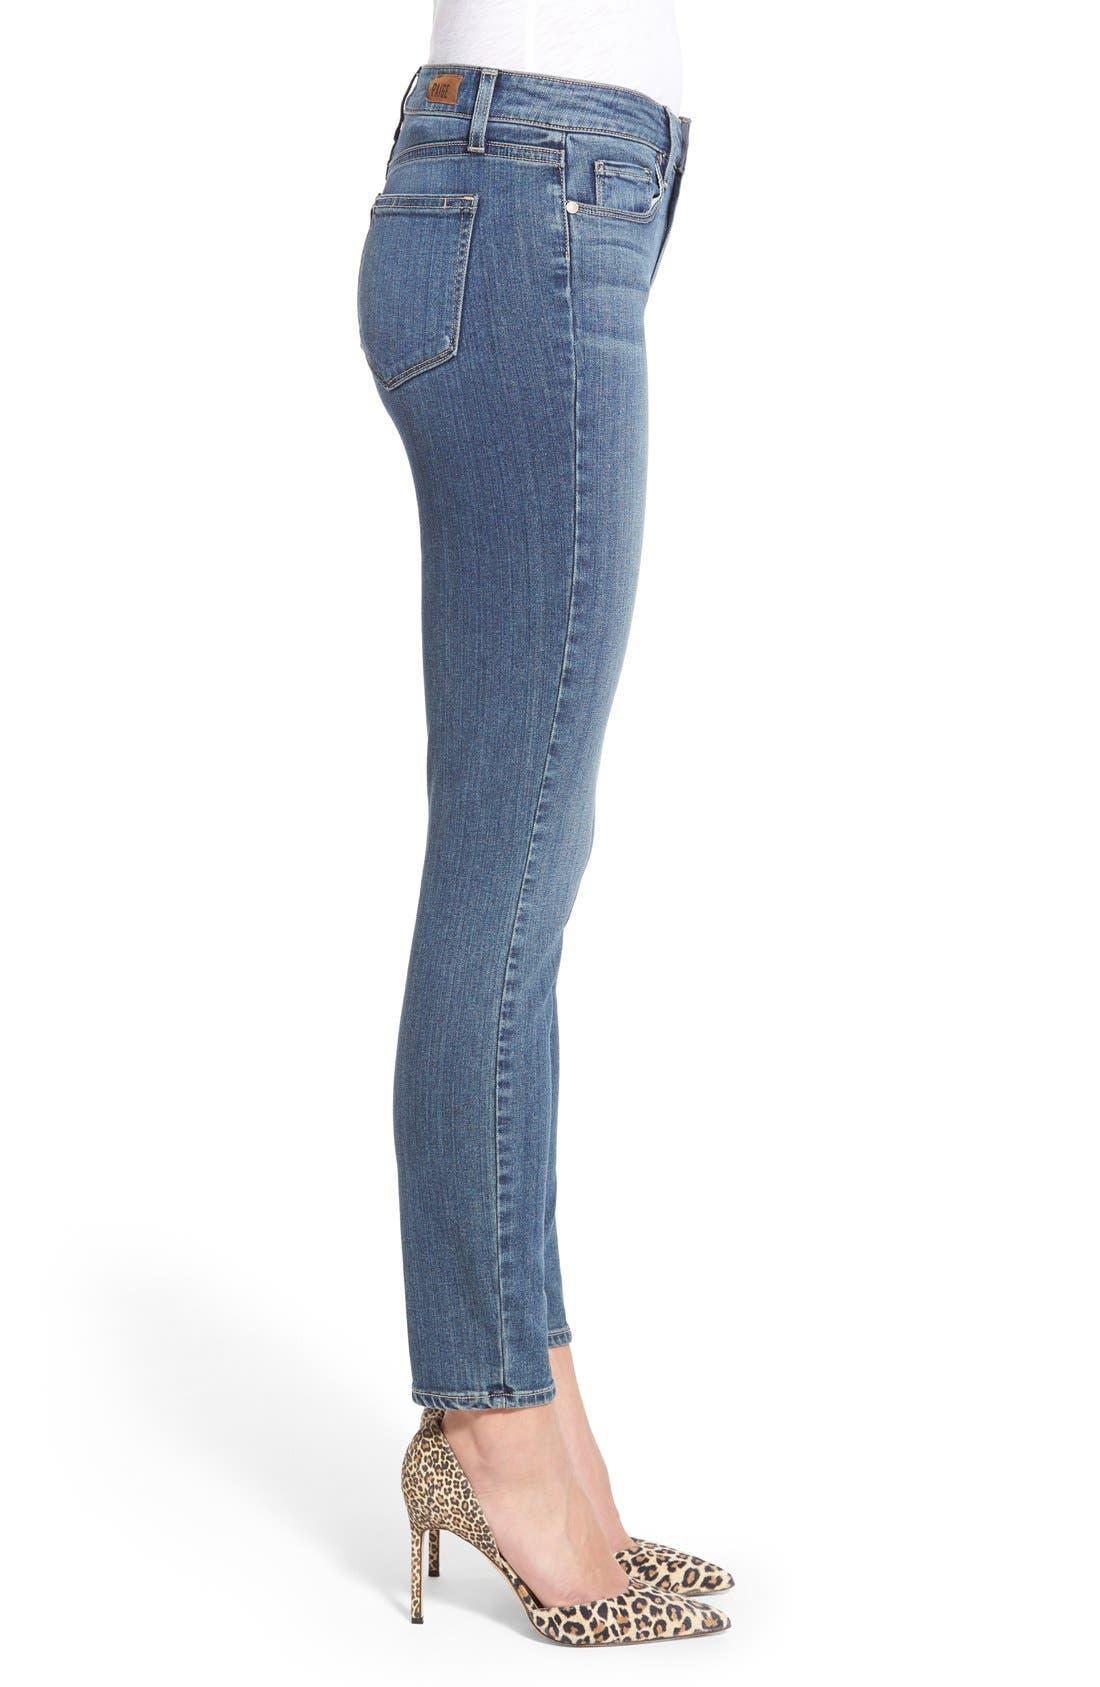 Alternate Image 3  - Paige Denim 'Transcend - Hoxton' High Rise Ankle Ultra Skinny Jeans (Linden)